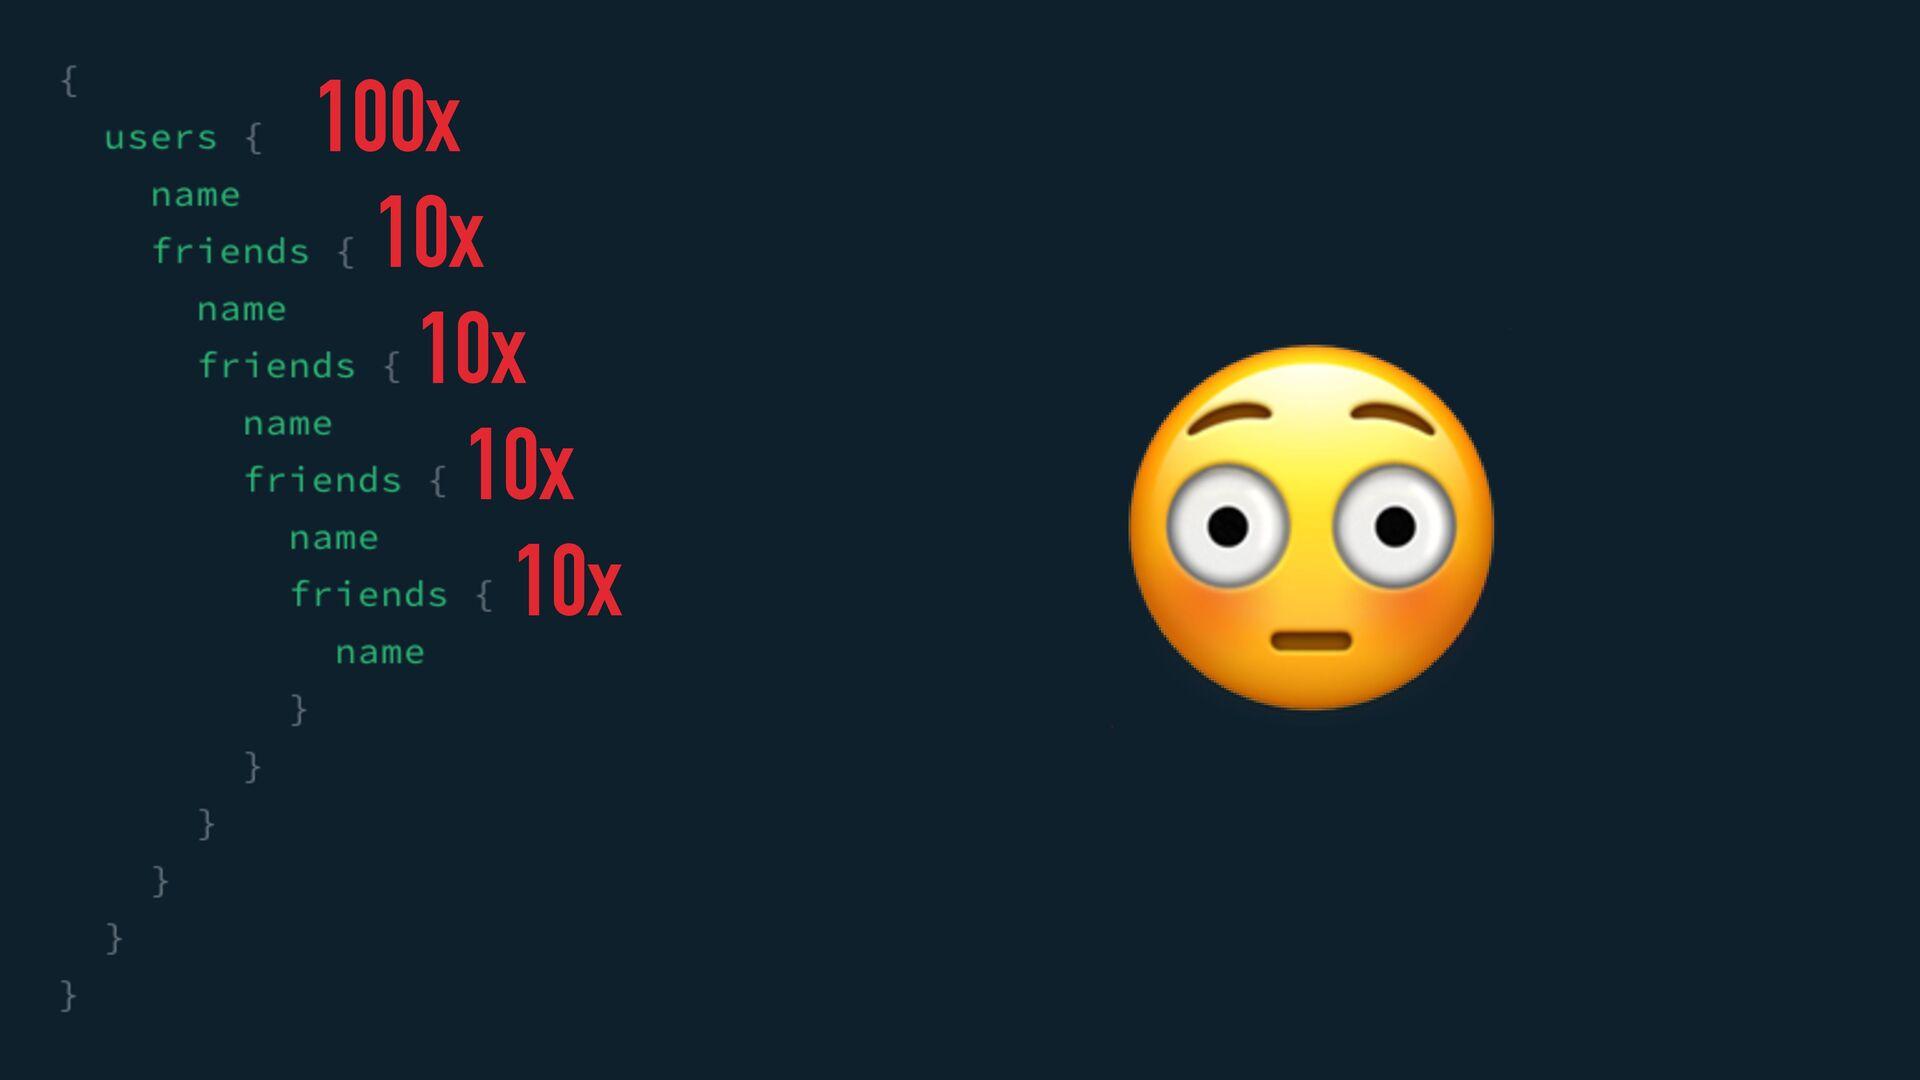 DOSTAJEMY 1 000 000 ELEMENTÓW 100x 10x 10x 10x ...